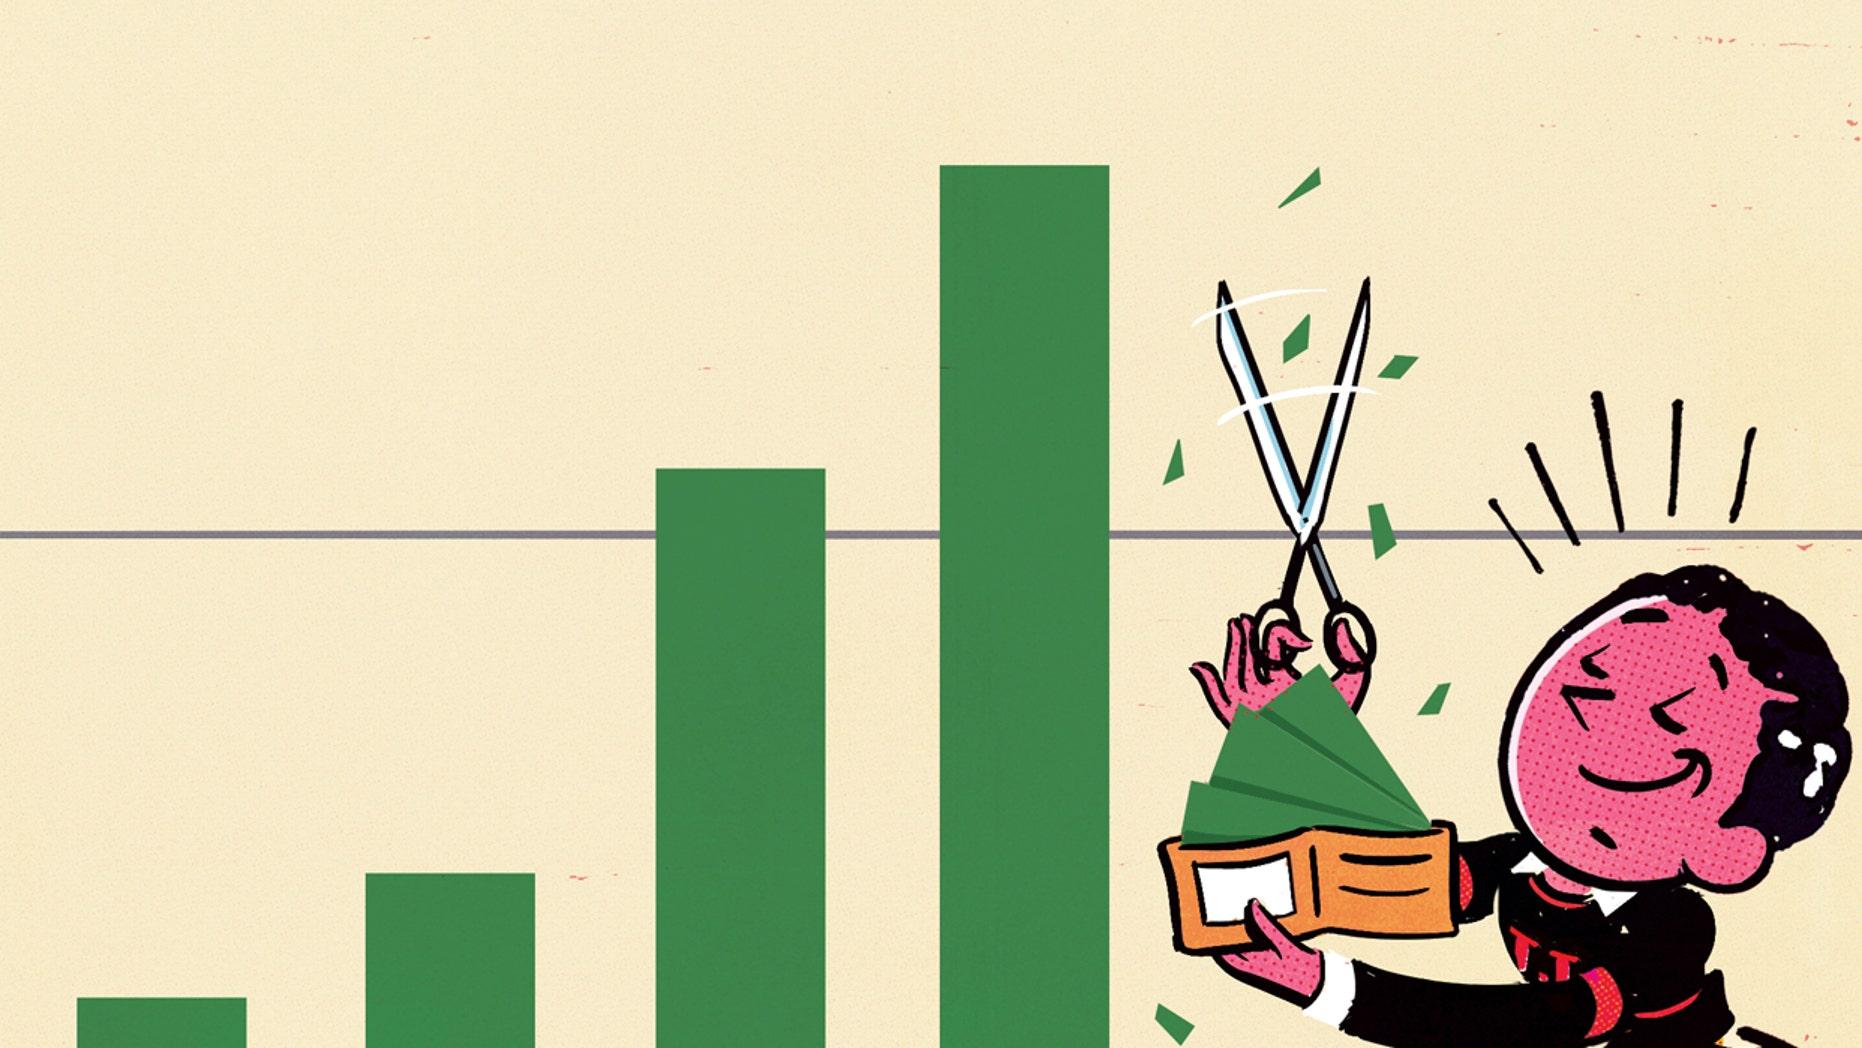 WSJ sell stocks buy home